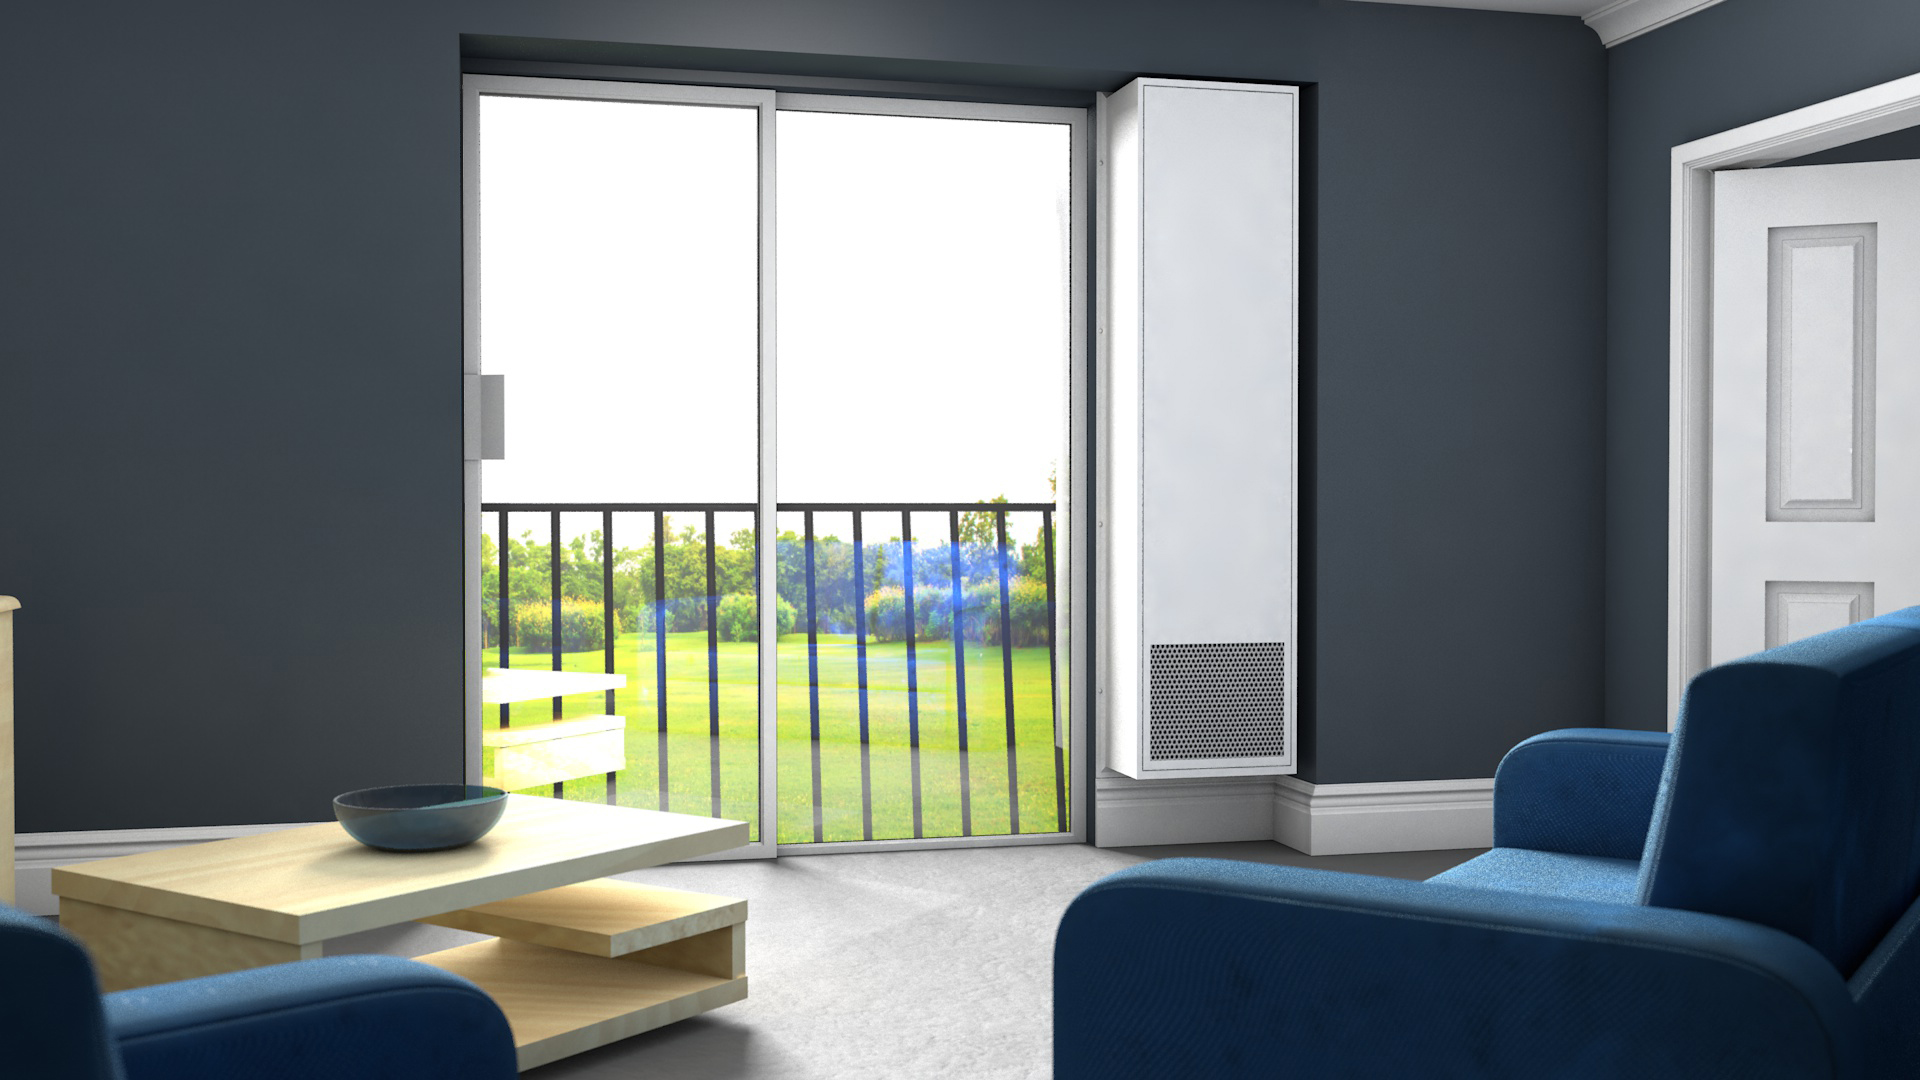 avo 01 - Residential ventilation units - AVO1